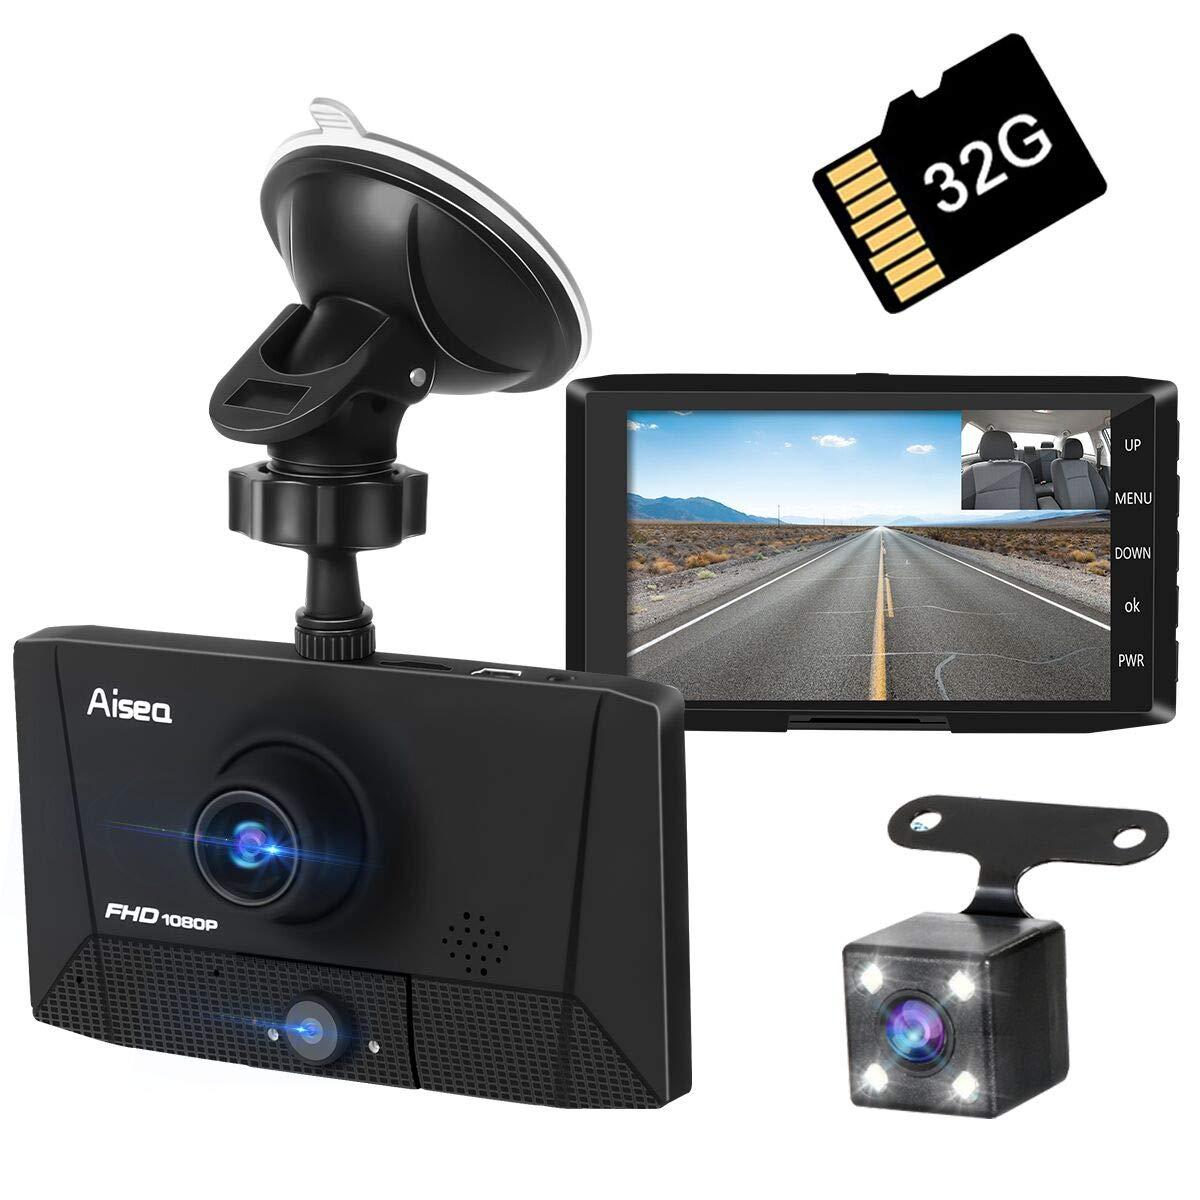 【3カメラ搭載】ドライブレコーダー 最新版 前後カメラ 車載カメラ 車内外同時録画 リアカメラ付き 4.0インチ画面 1080PフルHD 駐車監視 170°広視野角 常時録画 G-sensor WDR搭載 (32GB SDカード付き)